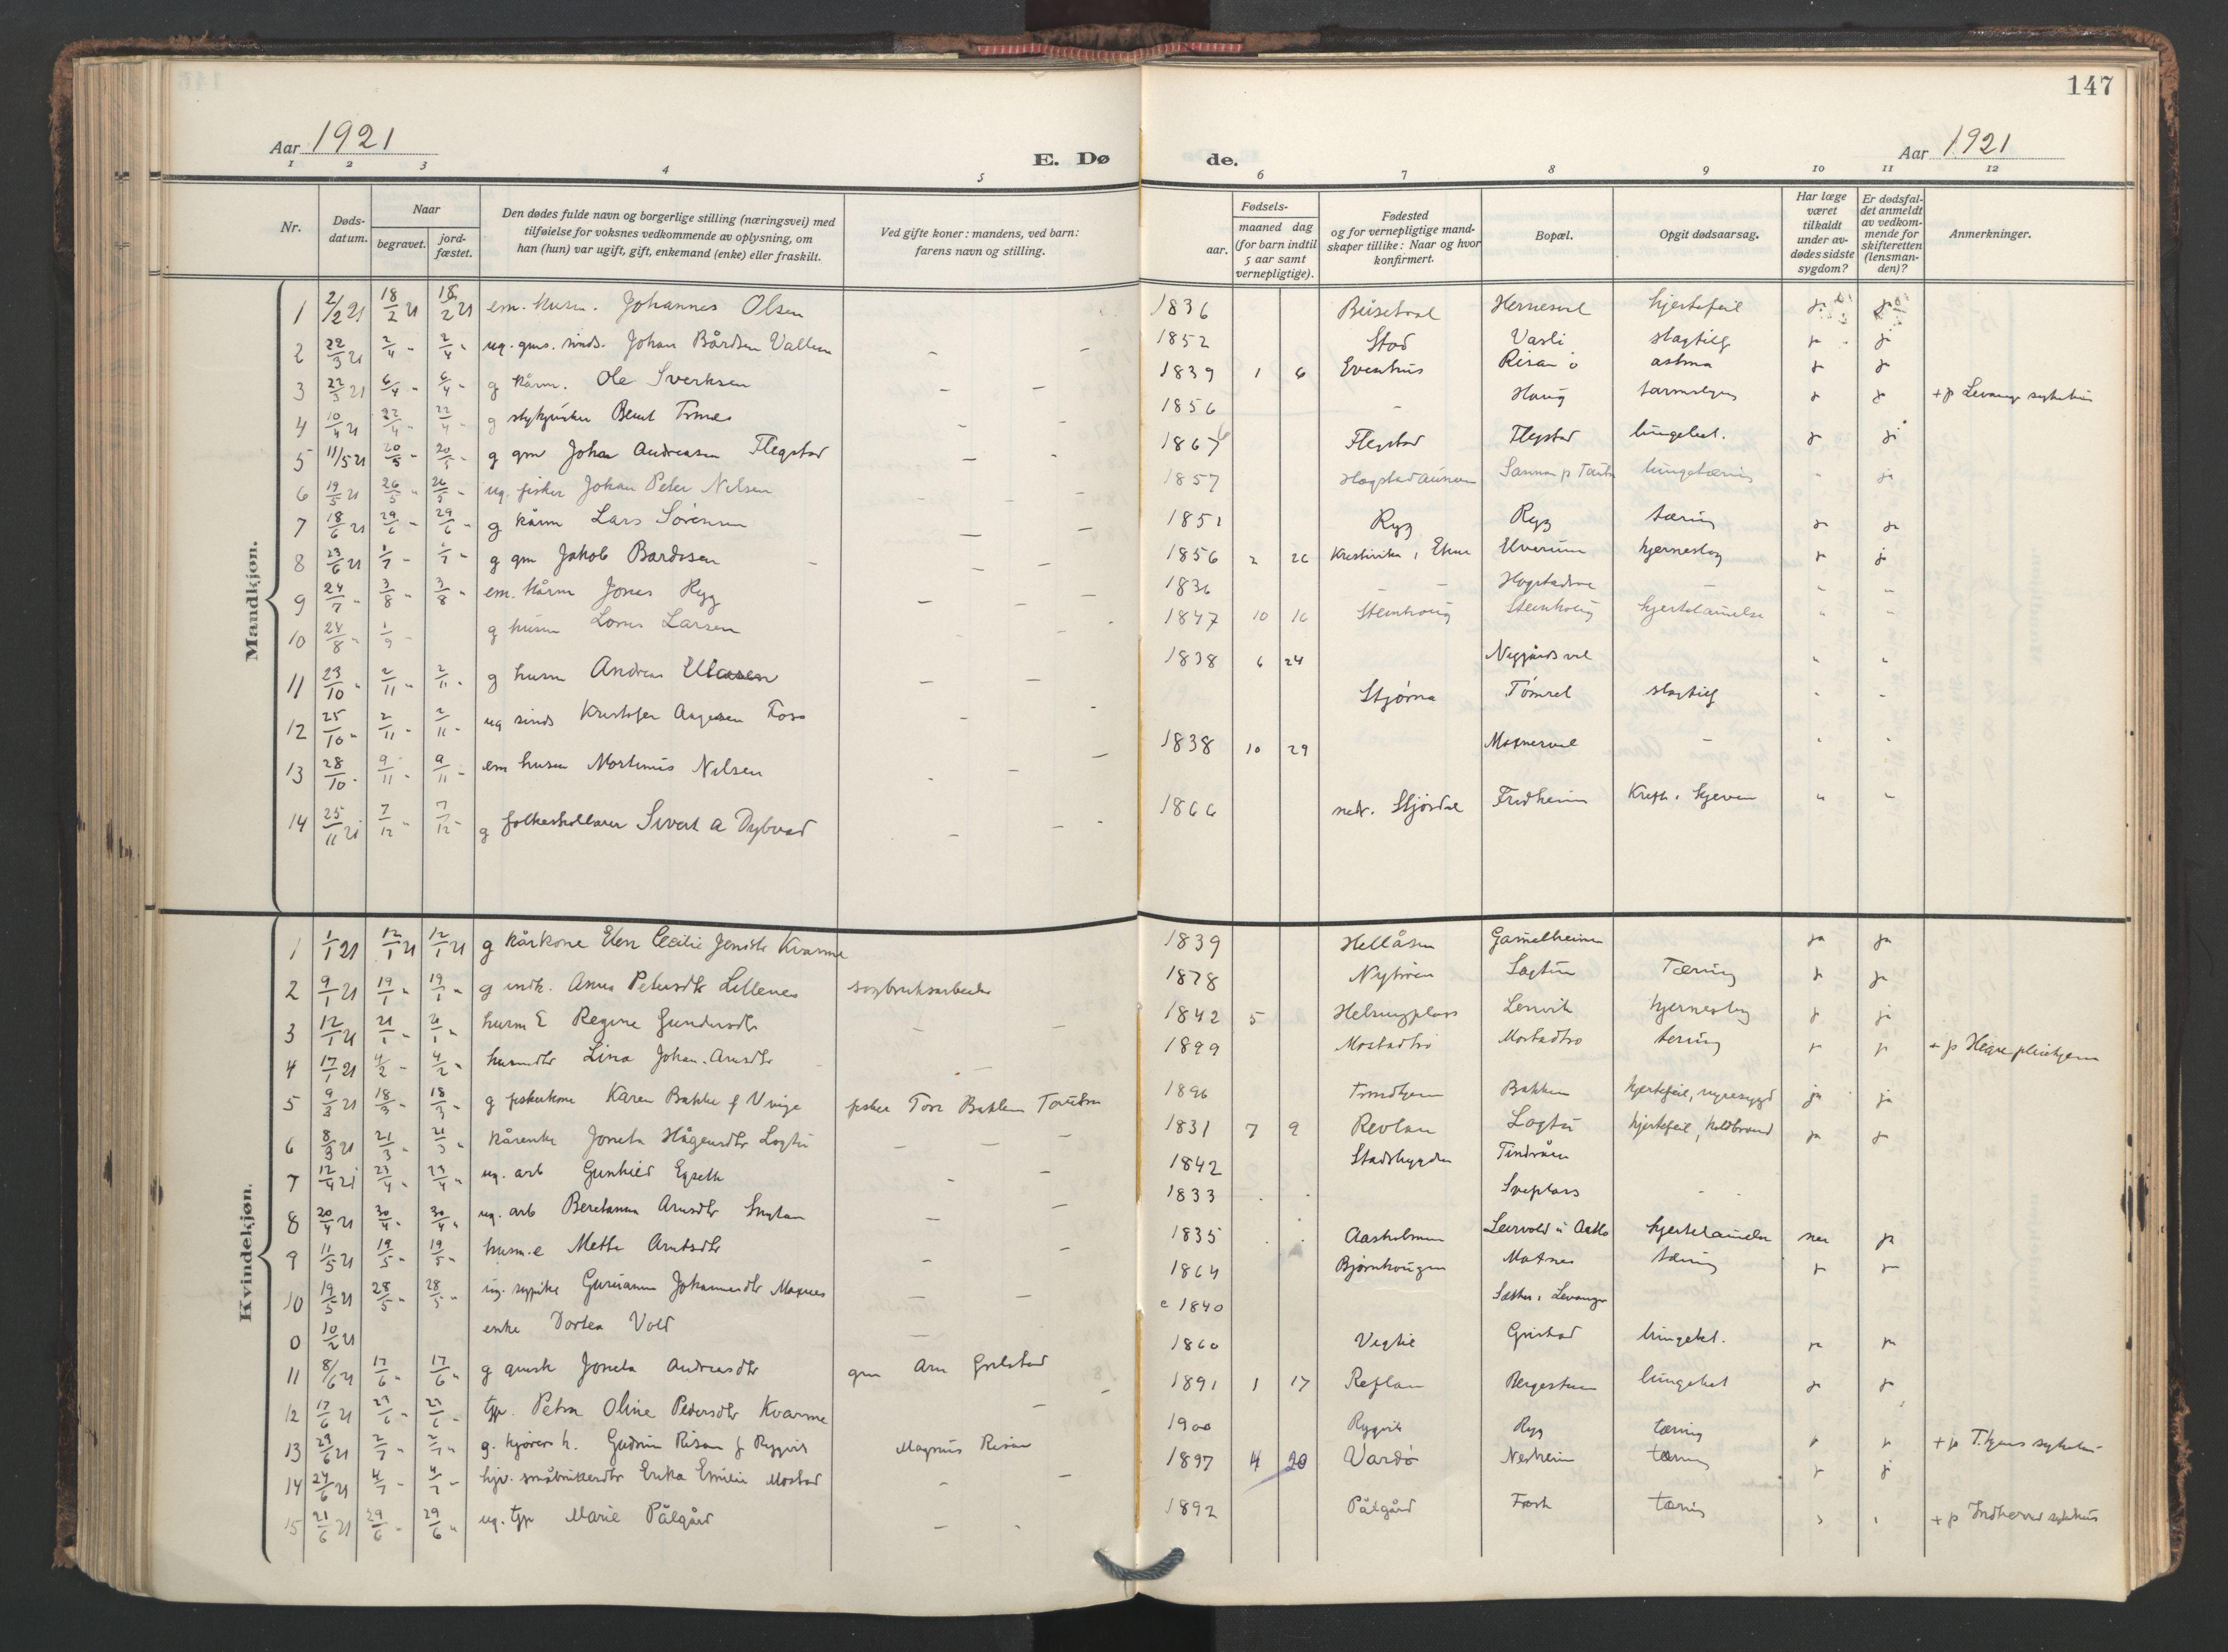 SAT, Ministerialprotokoller, klokkerbøker og fødselsregistre - Nord-Trøndelag, 713/L0123: Ministerialbok nr. 713A12, 1911-1925, s. 147